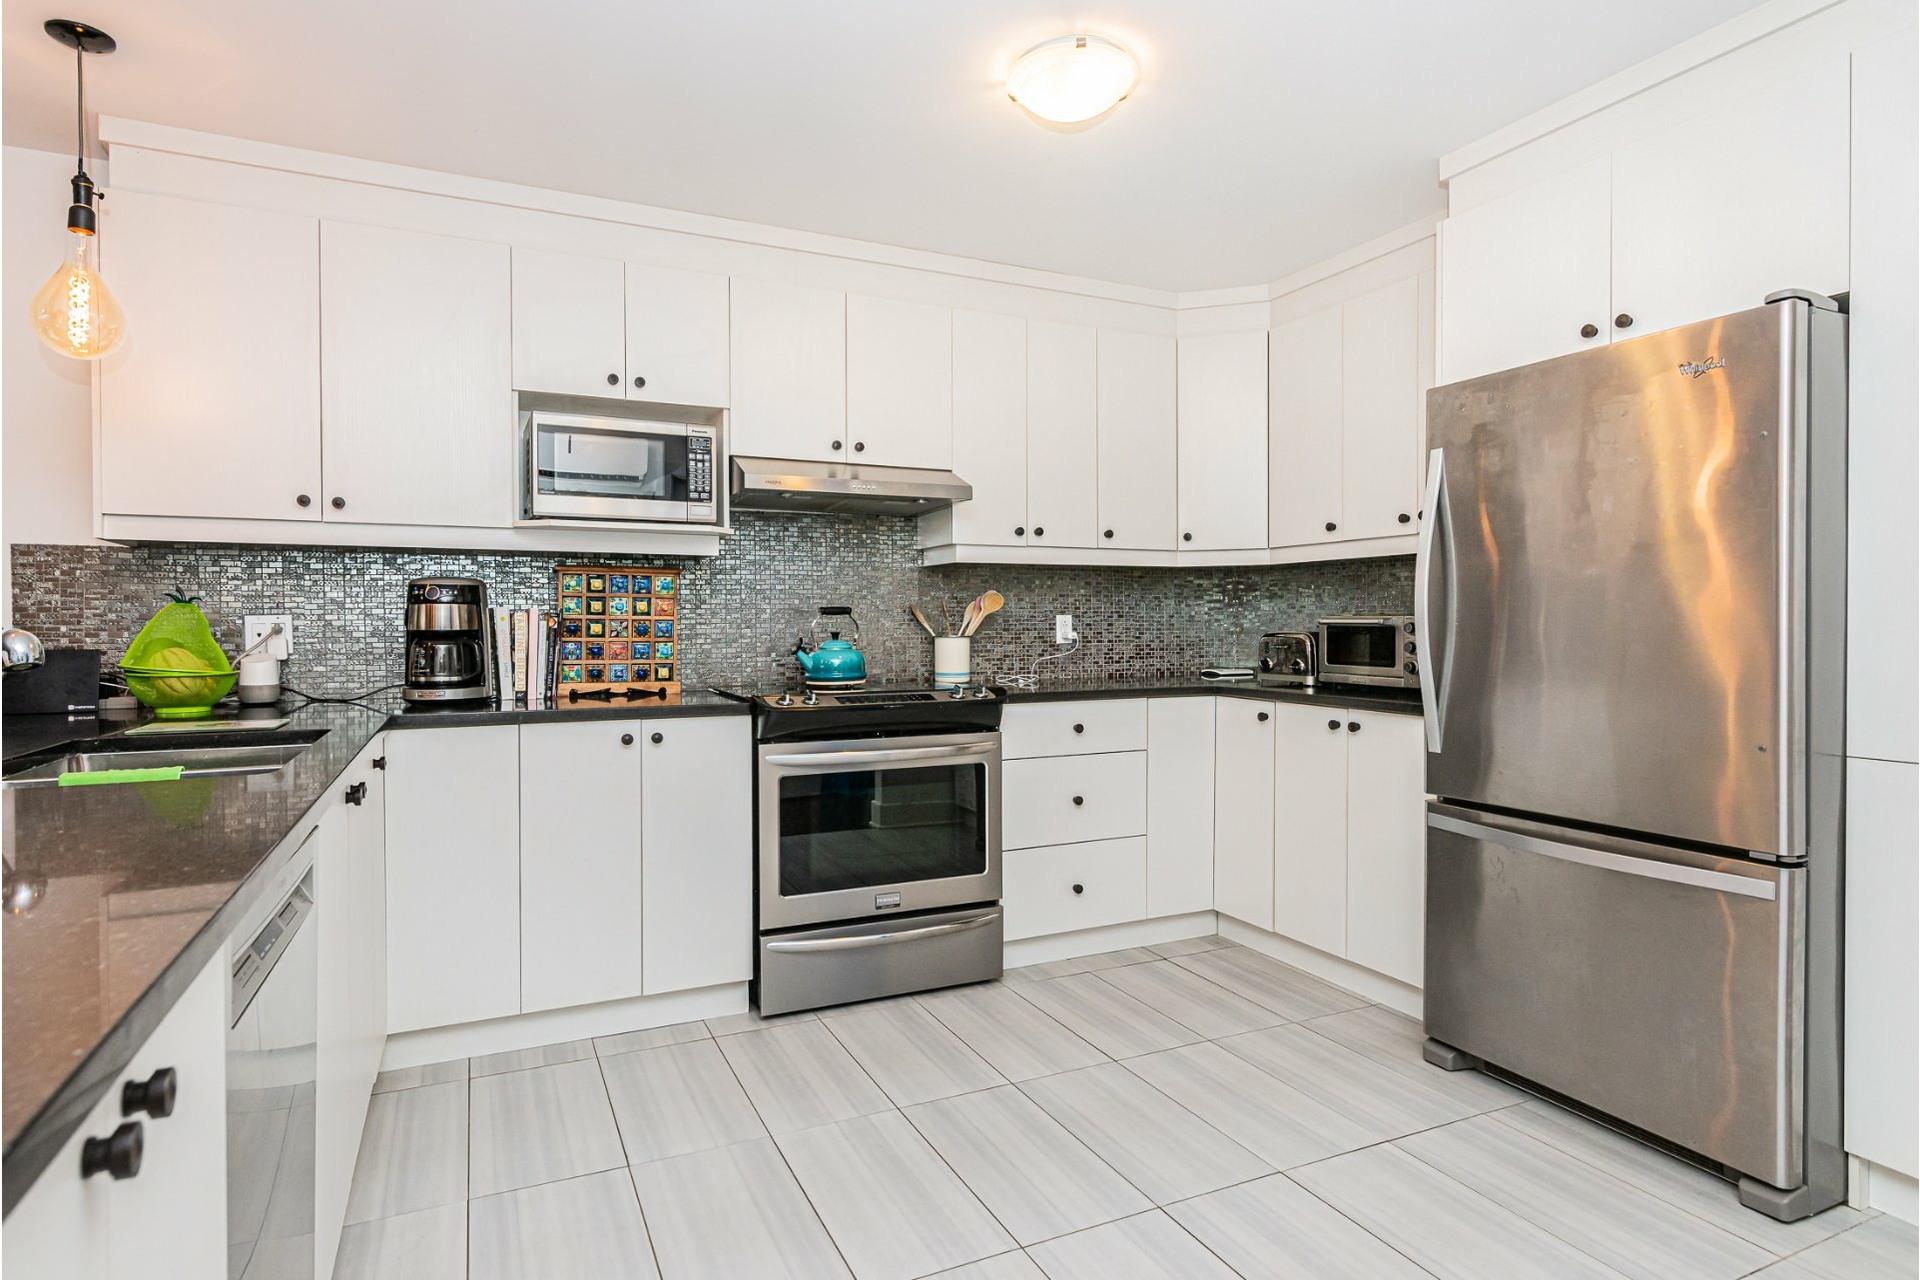 image 11 - Apartment For sale Le Sud-Ouest Montréal  - 4 rooms